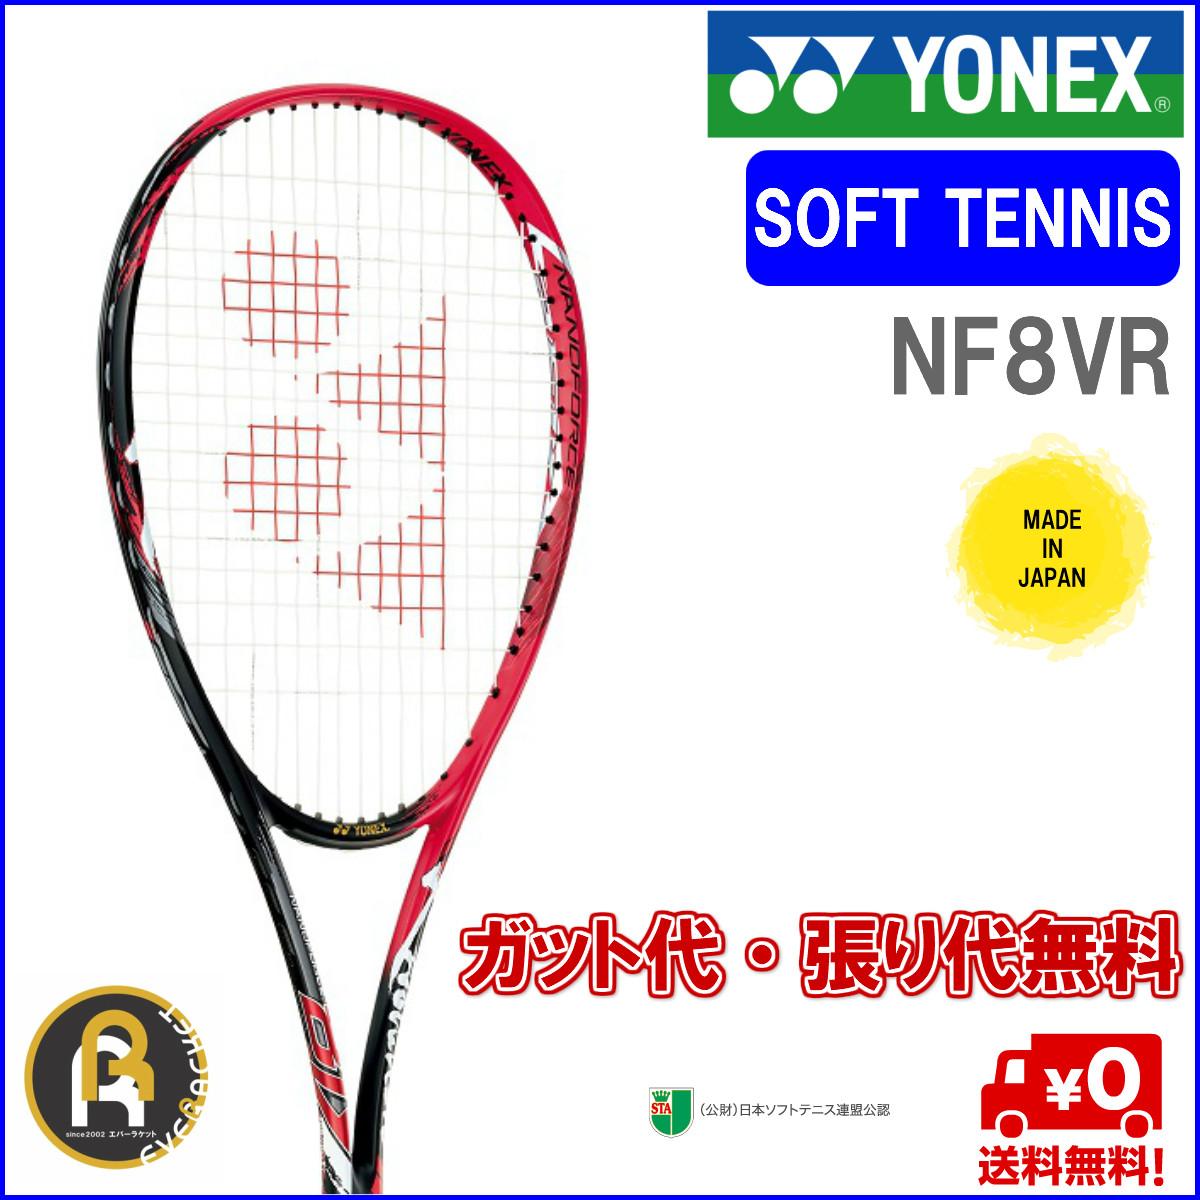 ヨネックス YONEX ソフトテニス ラケット ラケット ガット代 張り代 無料 ソフトテニスラケット ナノフォース8Vレブ (オープンスロート) NANOFORCE REV 8V NF8VR 前衛モデル